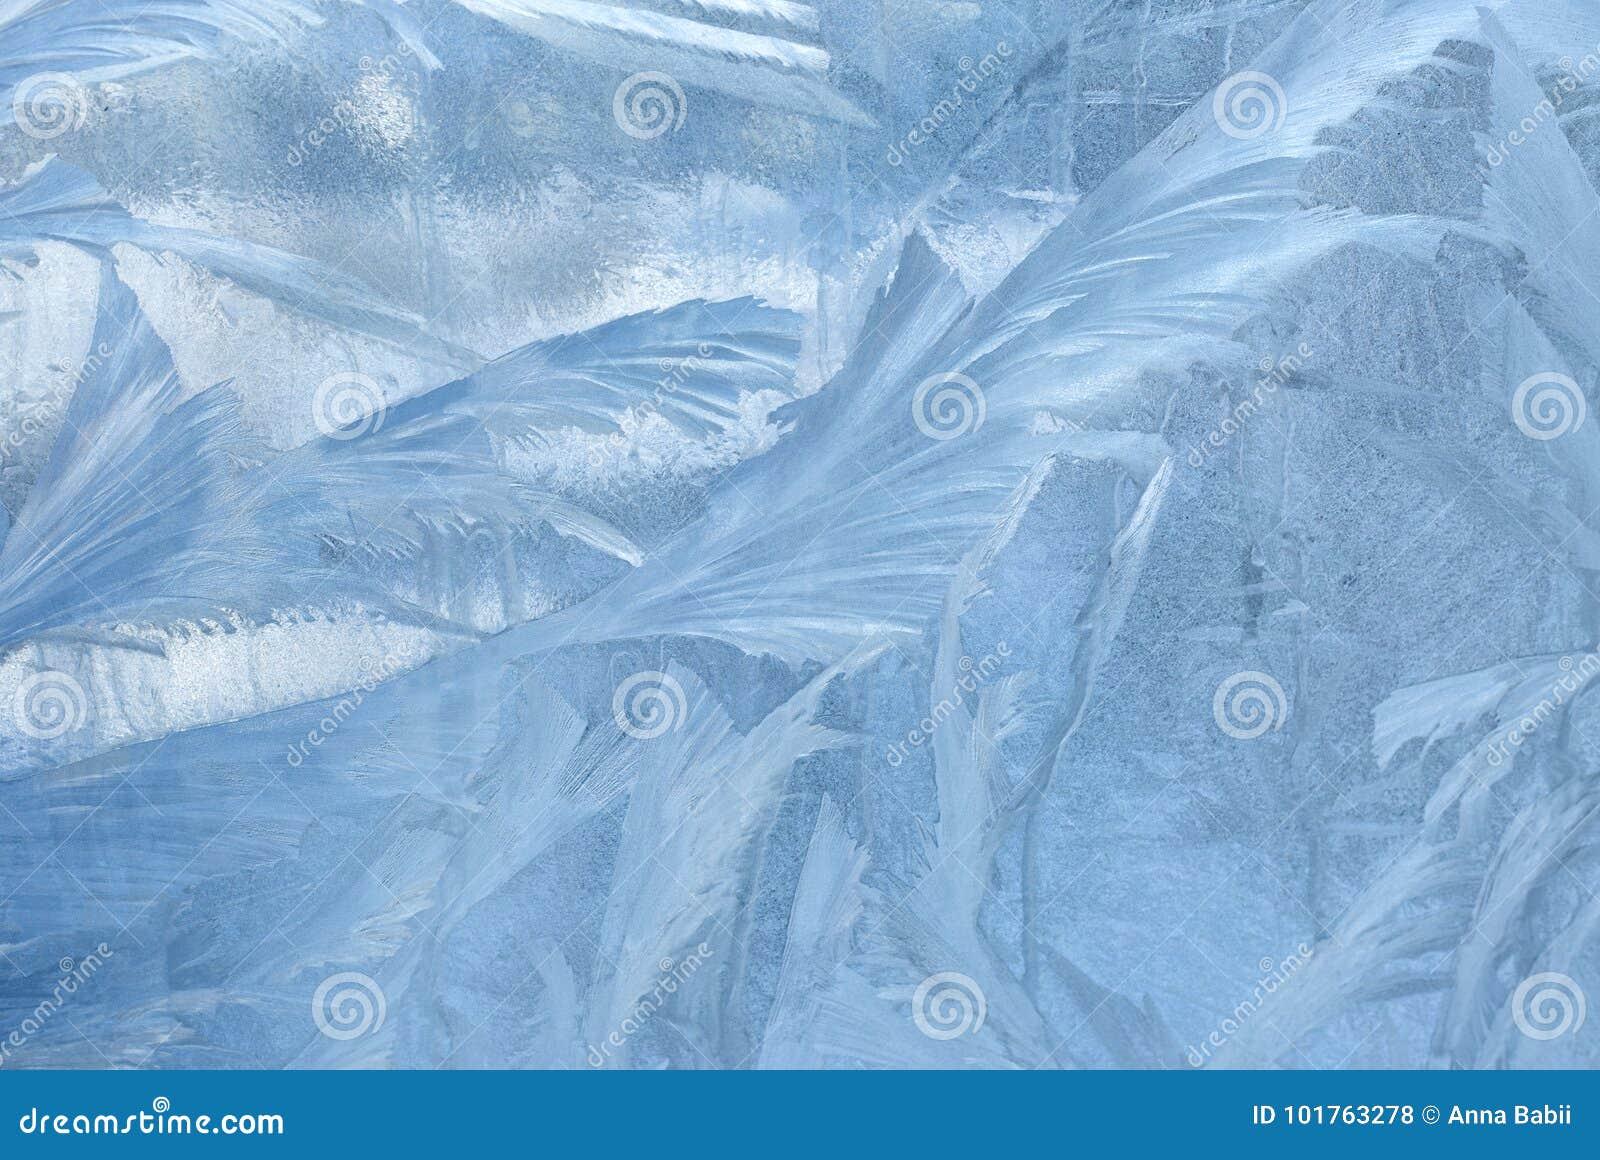 在冬天玻璃的冰模式 圣诞节结冰的背景 定调子作用的冬天